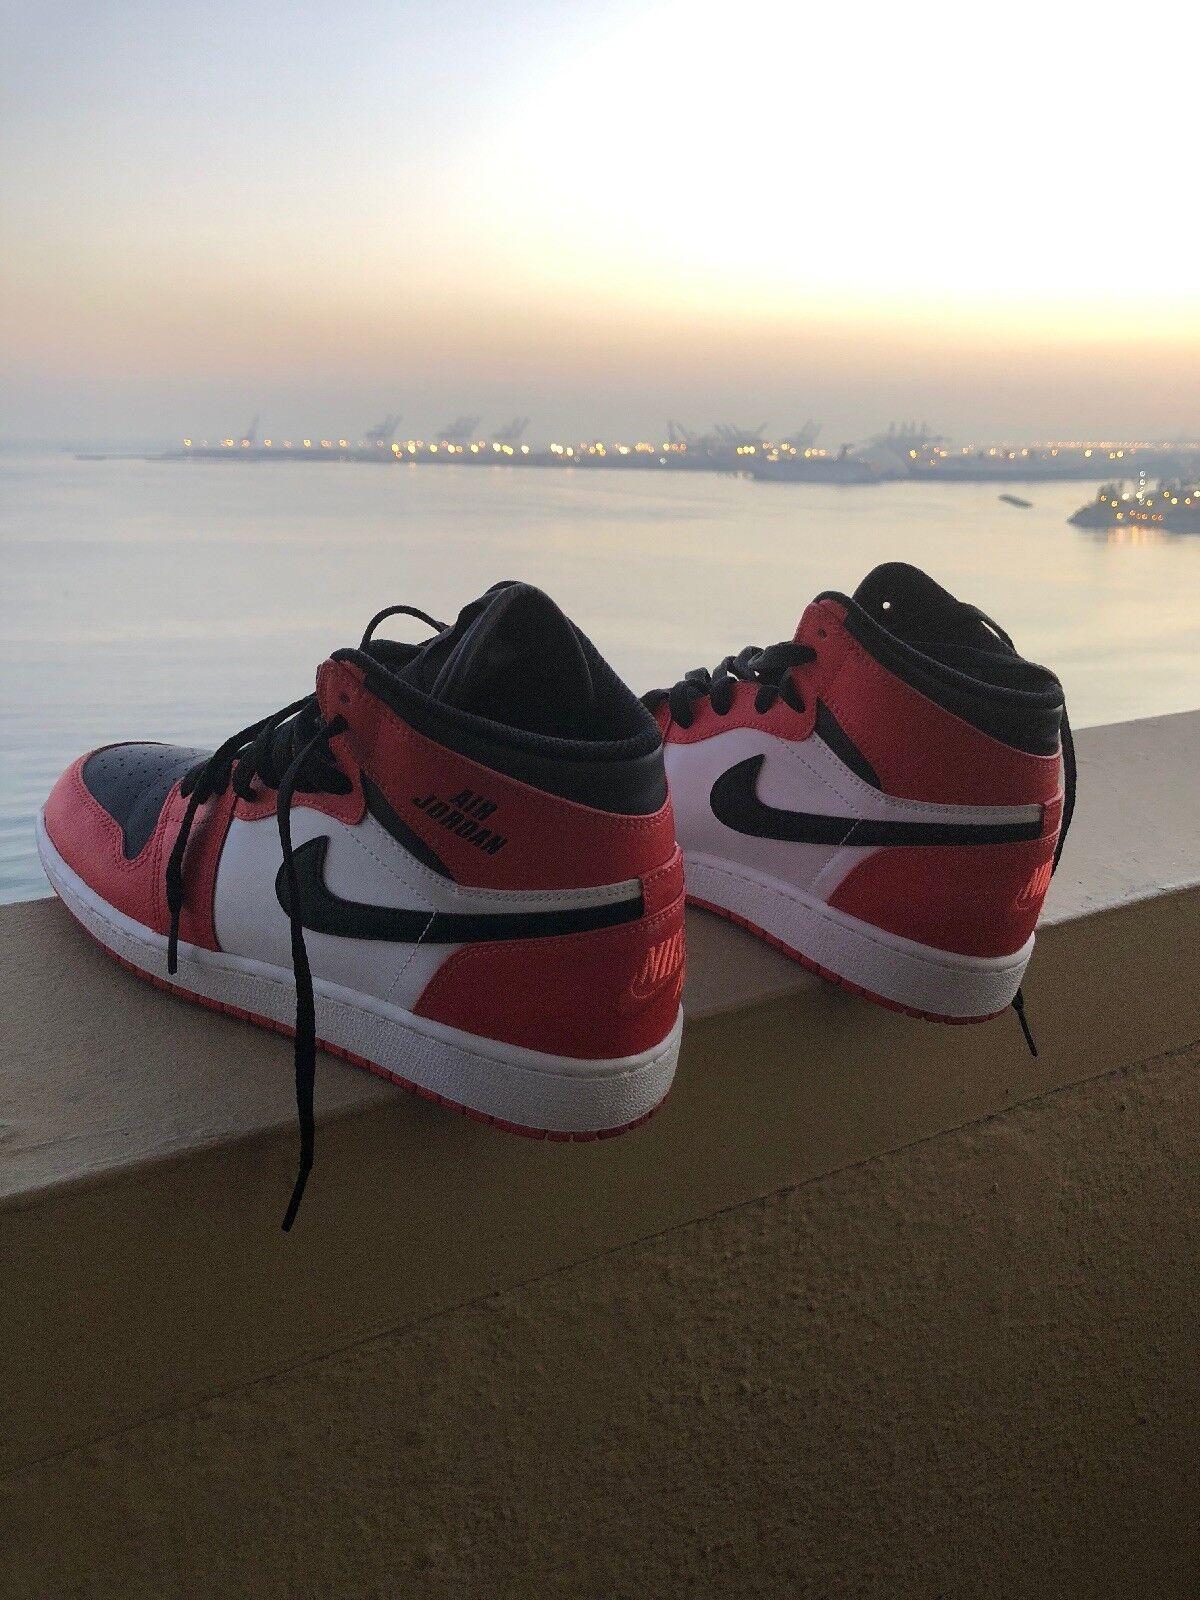 Nike Air Jordan Ones orange 6y